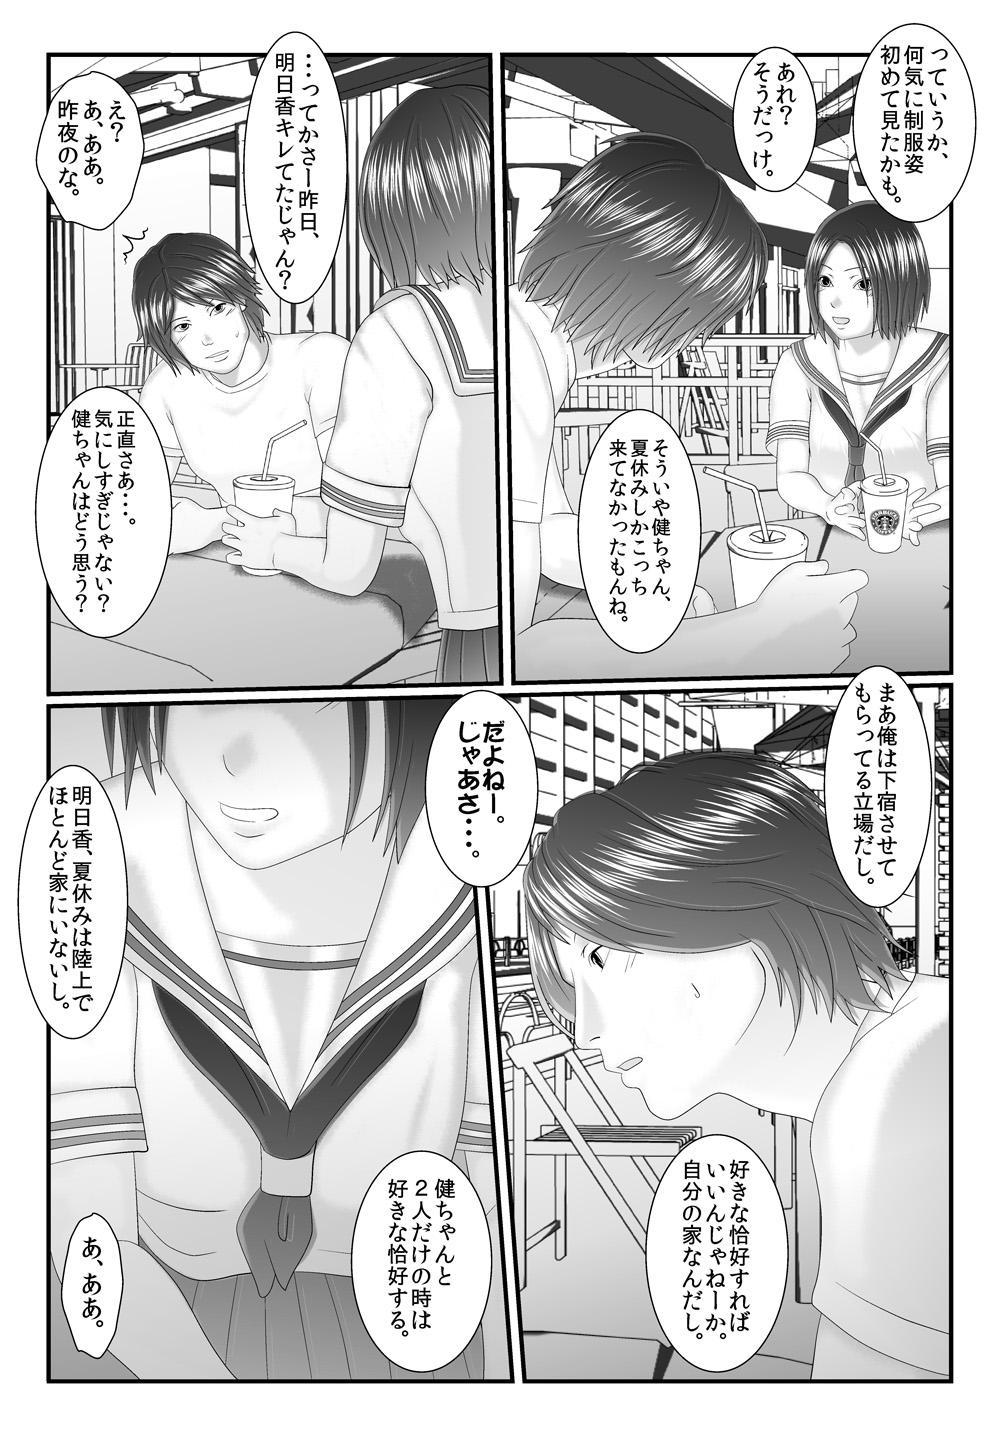 Ore no Juumai ga Razoku de Komaru - Ero Juukei × Juumai 11